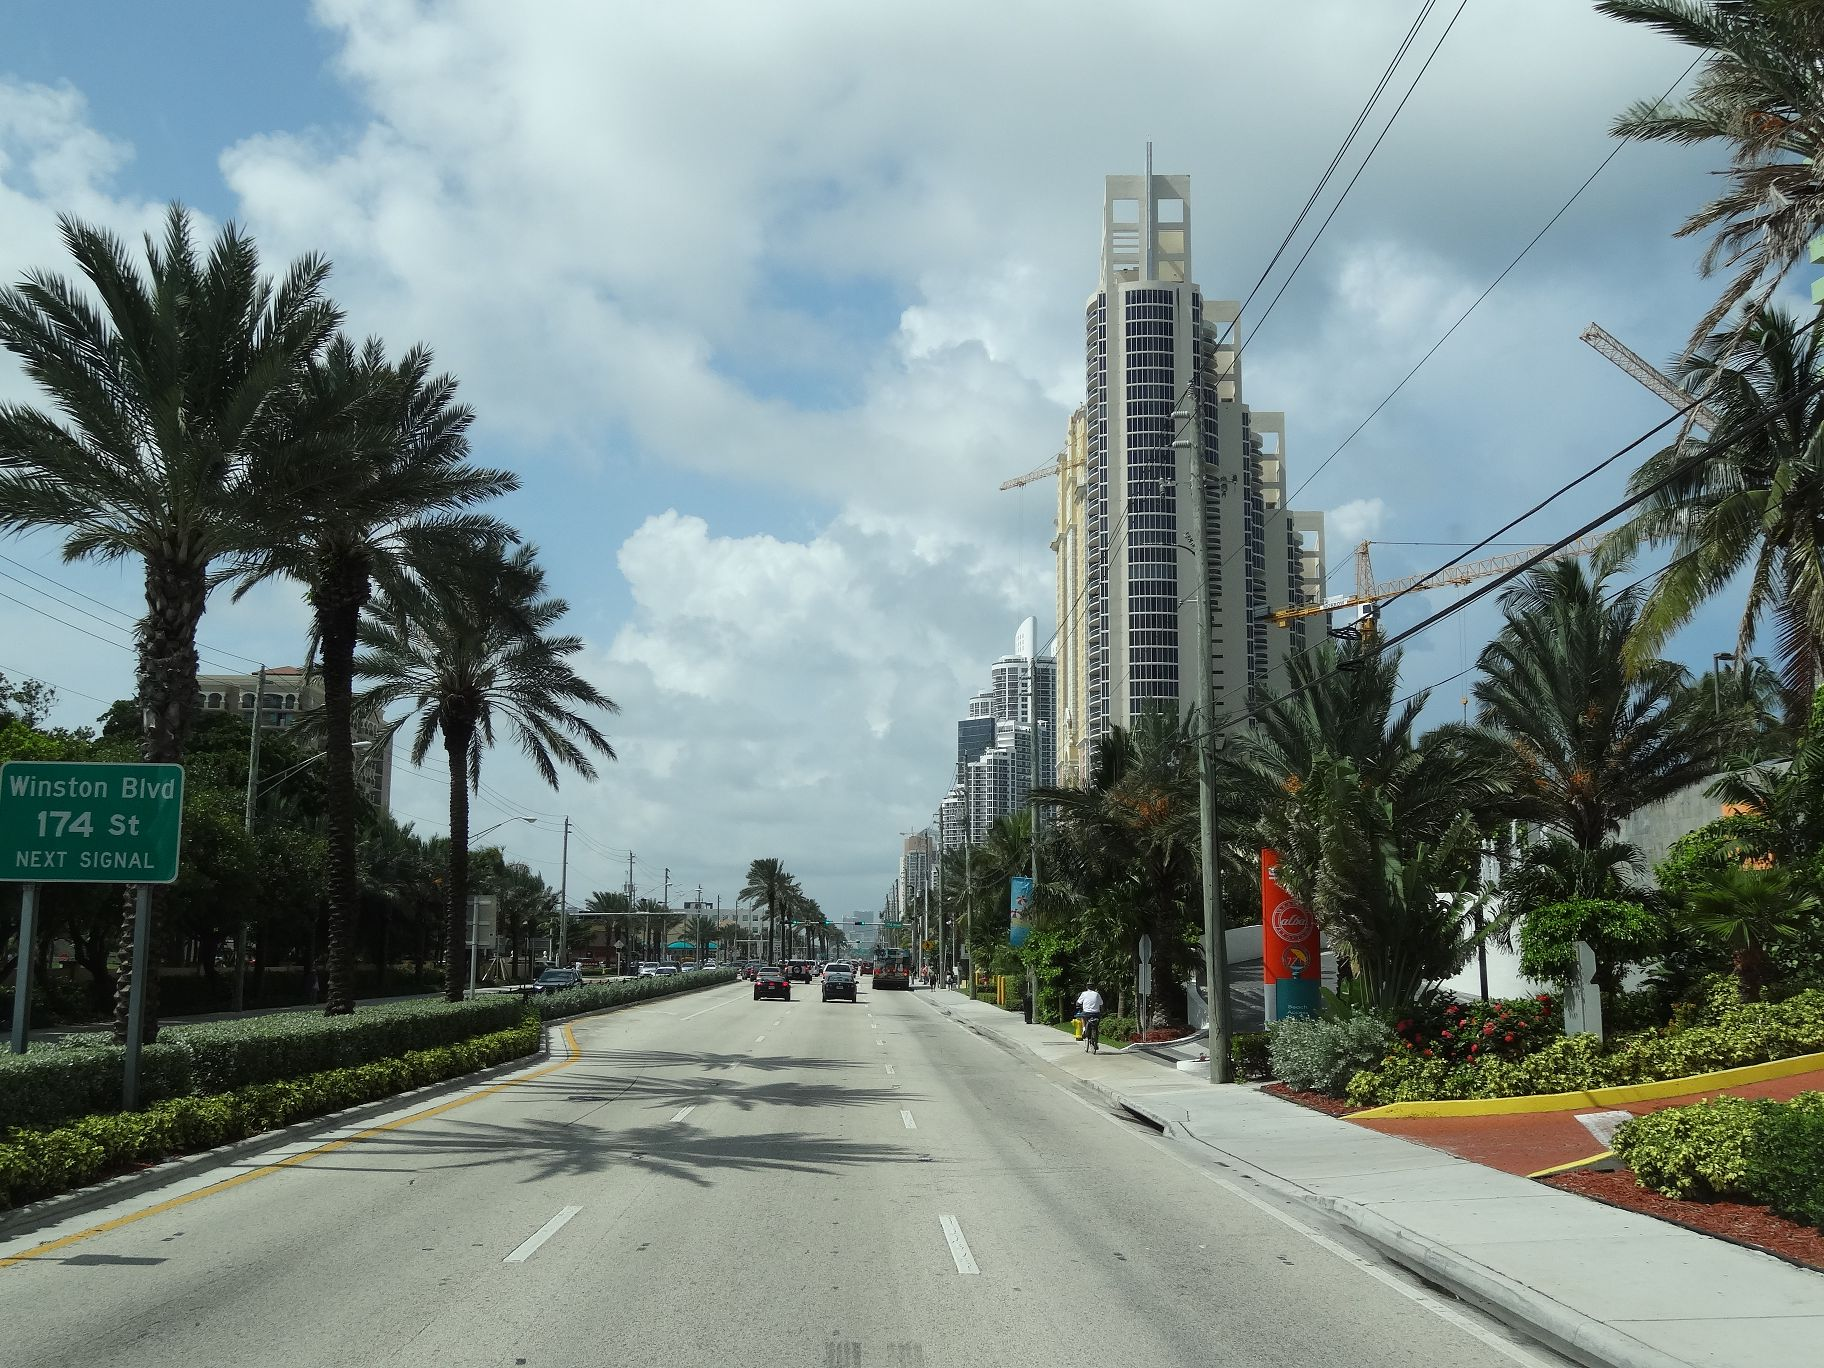 Florida | Suchergebnisse | A+K Weltenbummler